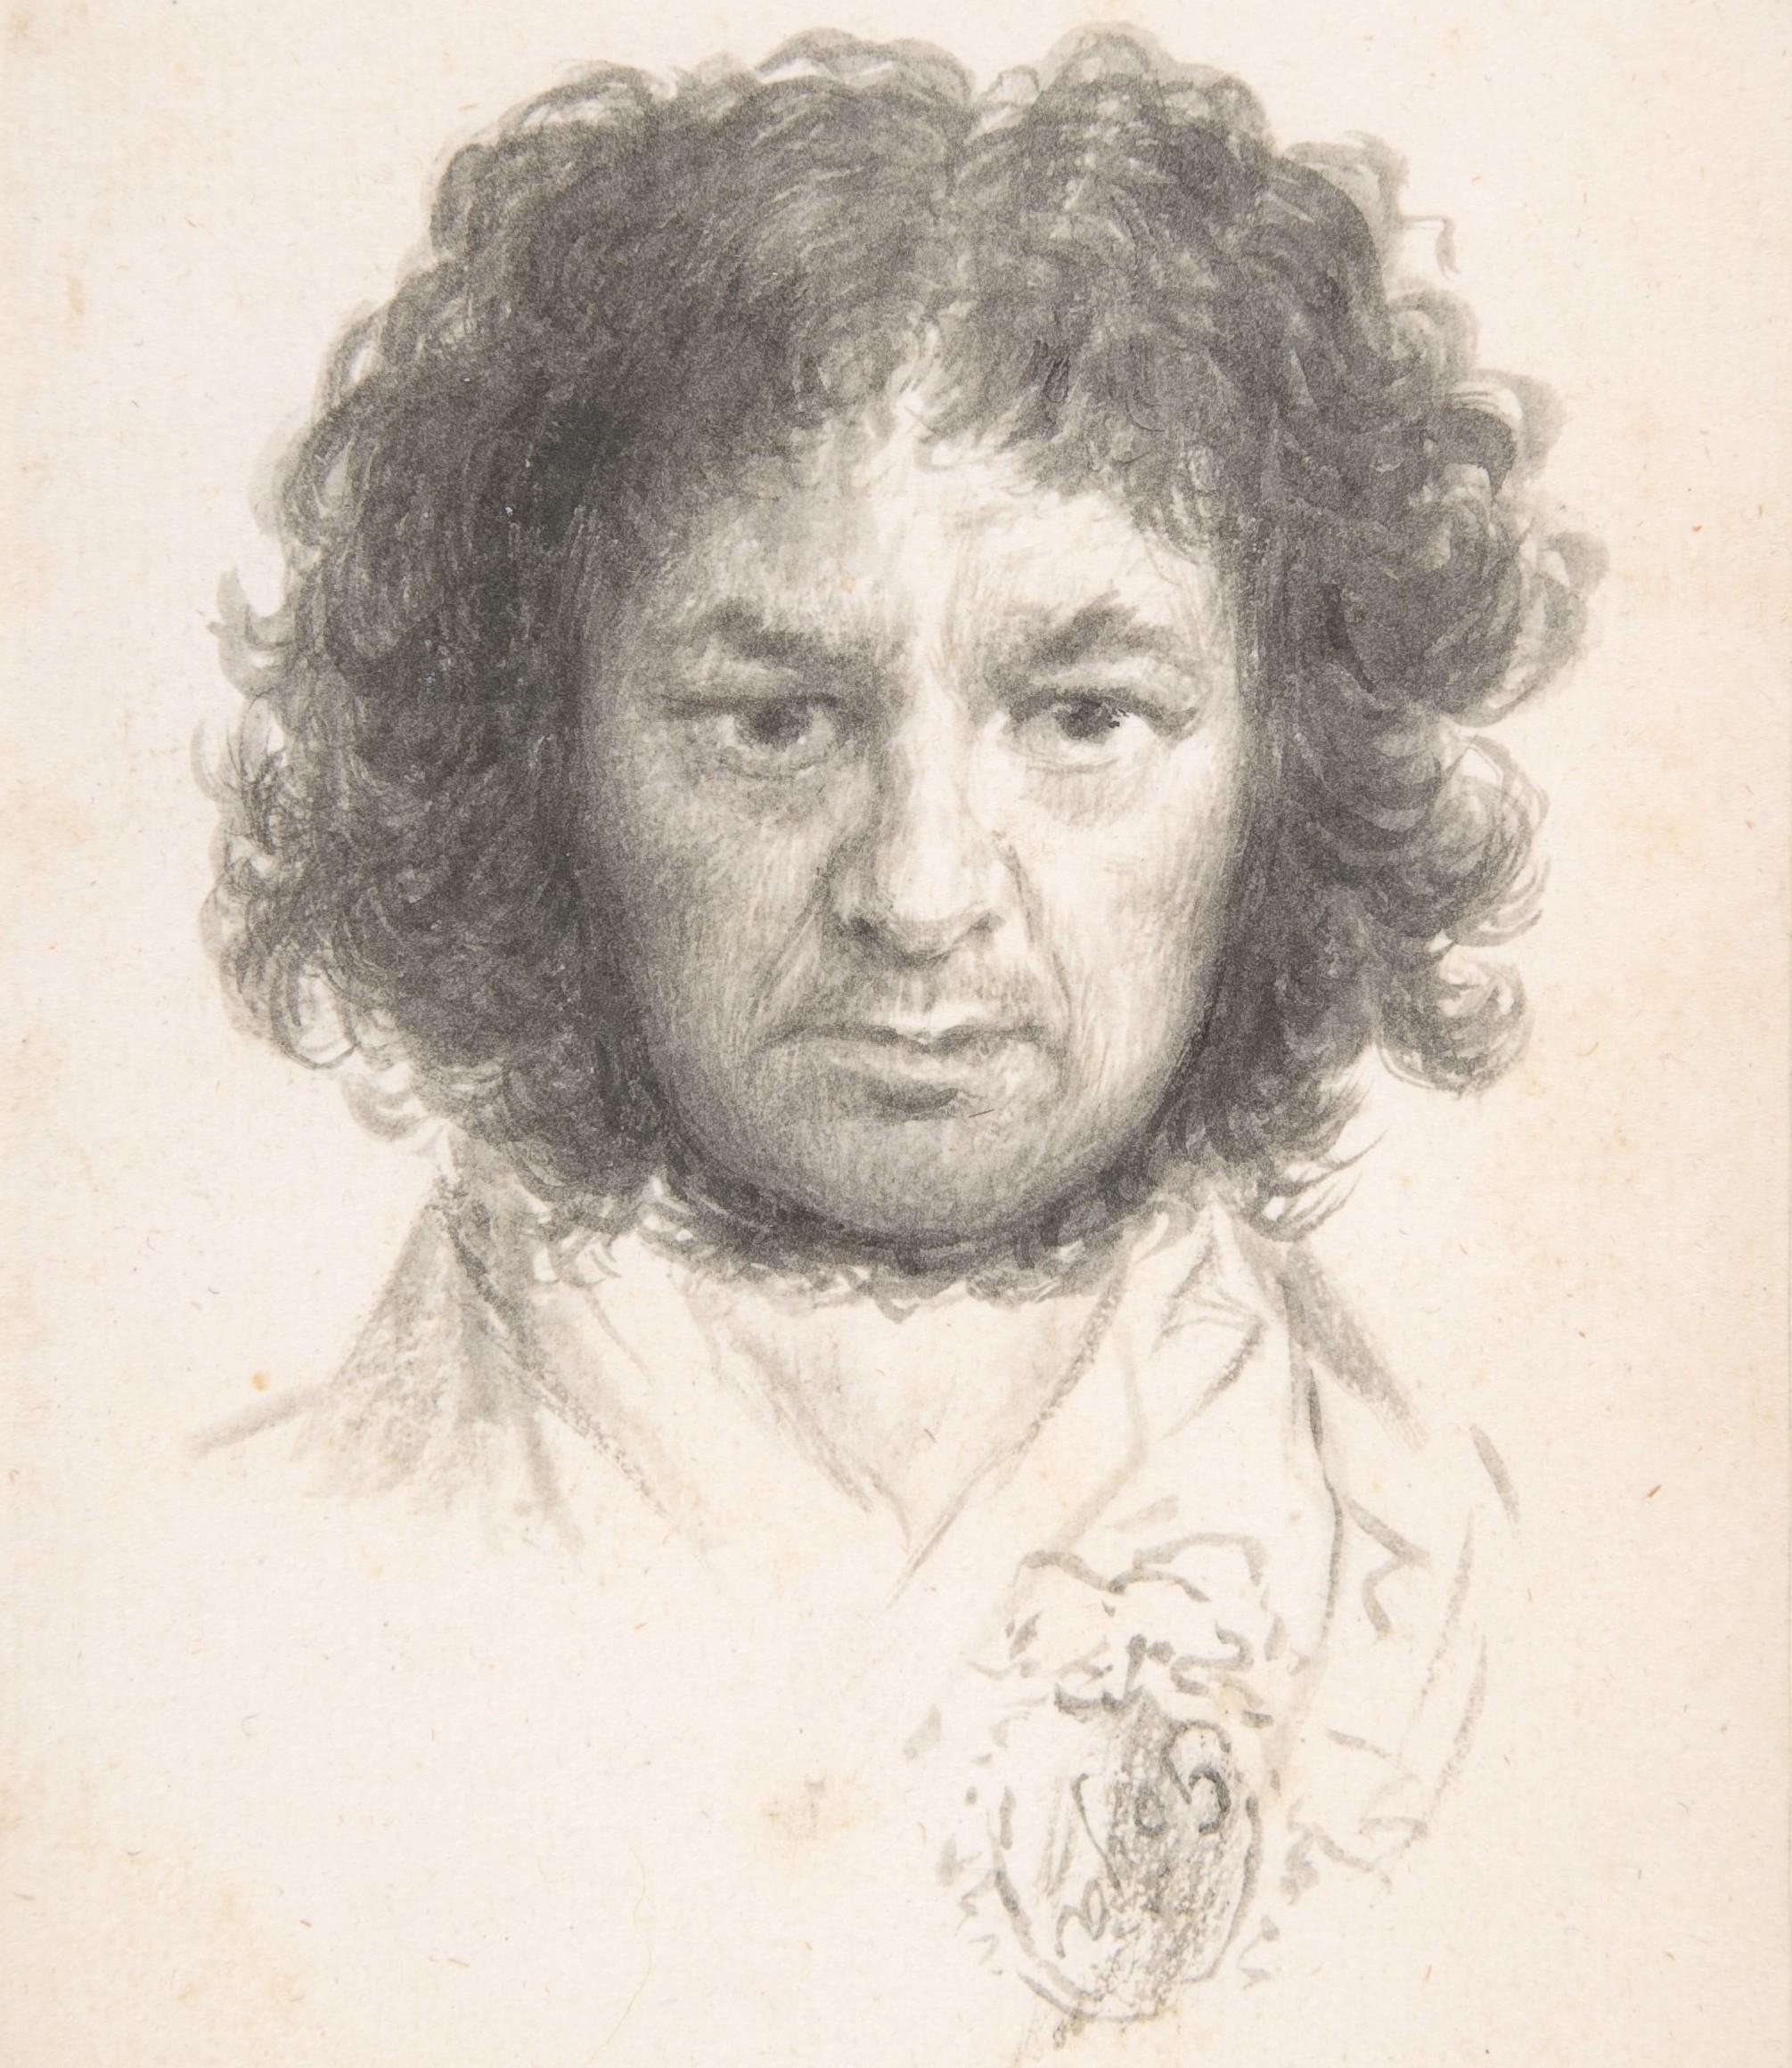 Goya en Palacio. La exposición conmemorativa del bicentenario (1746-1946)